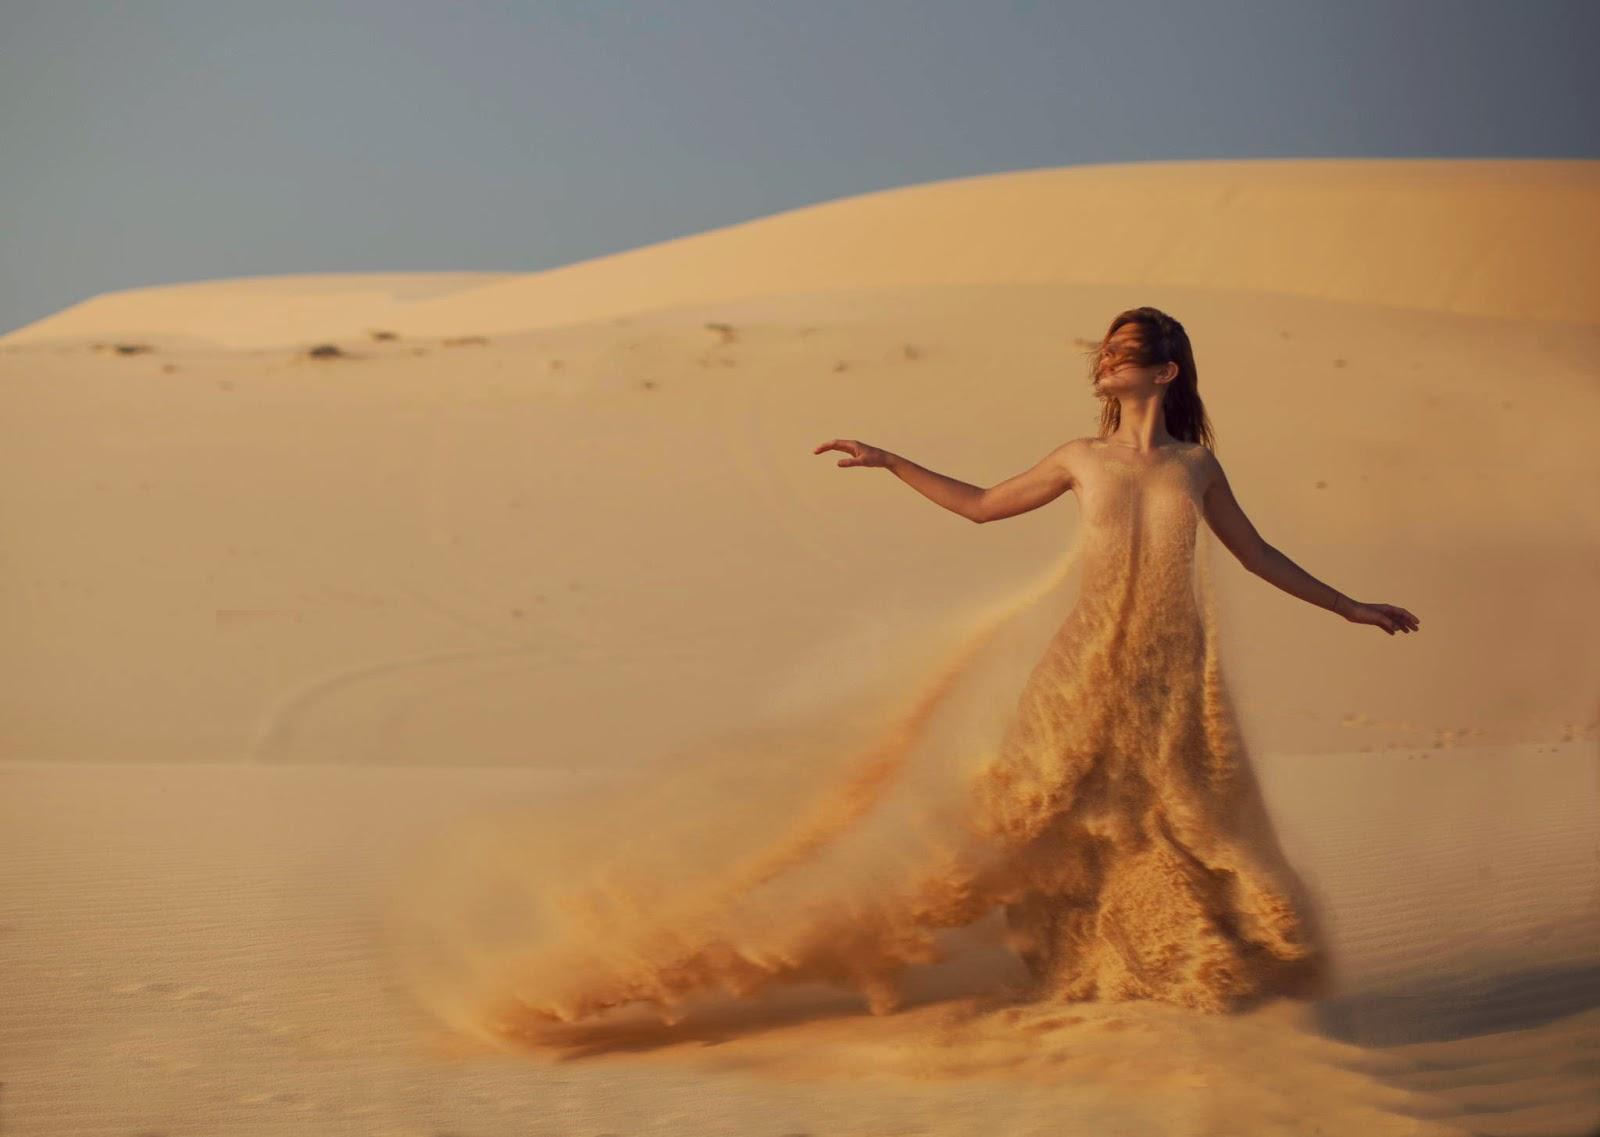 photo de Katerina Plotnikova d'une jeune femme nue recouverte de sable au milieu des dunes